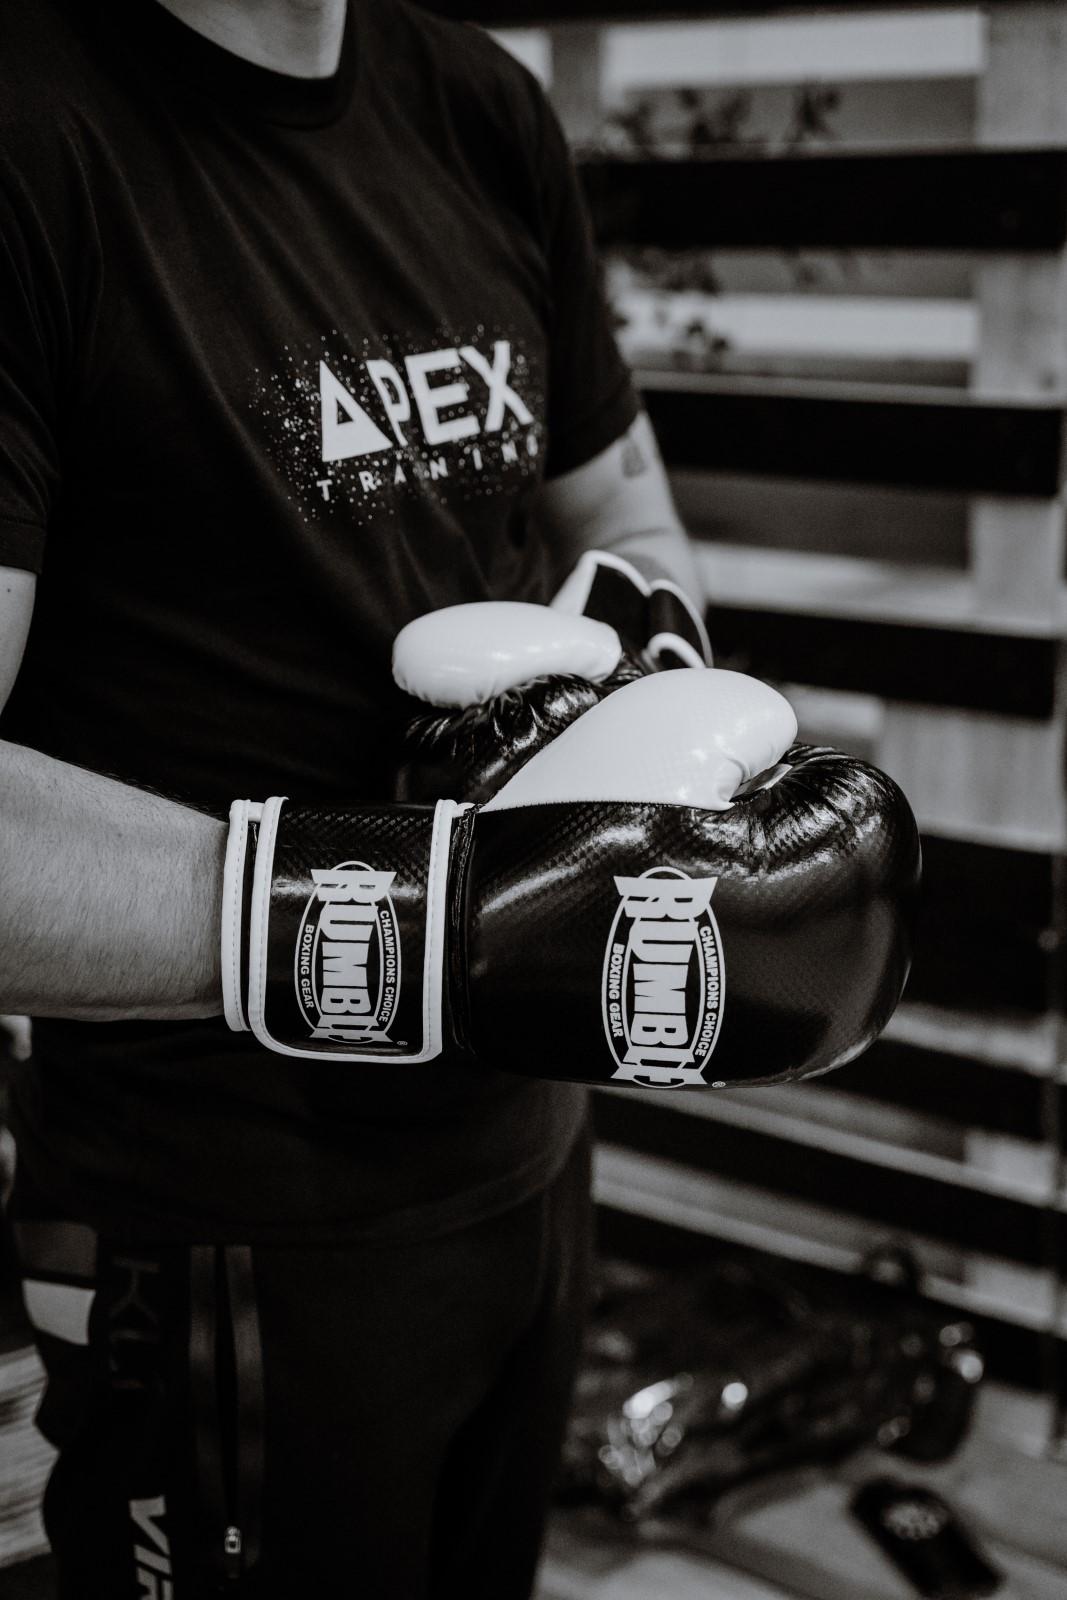 APEX Training - Boks